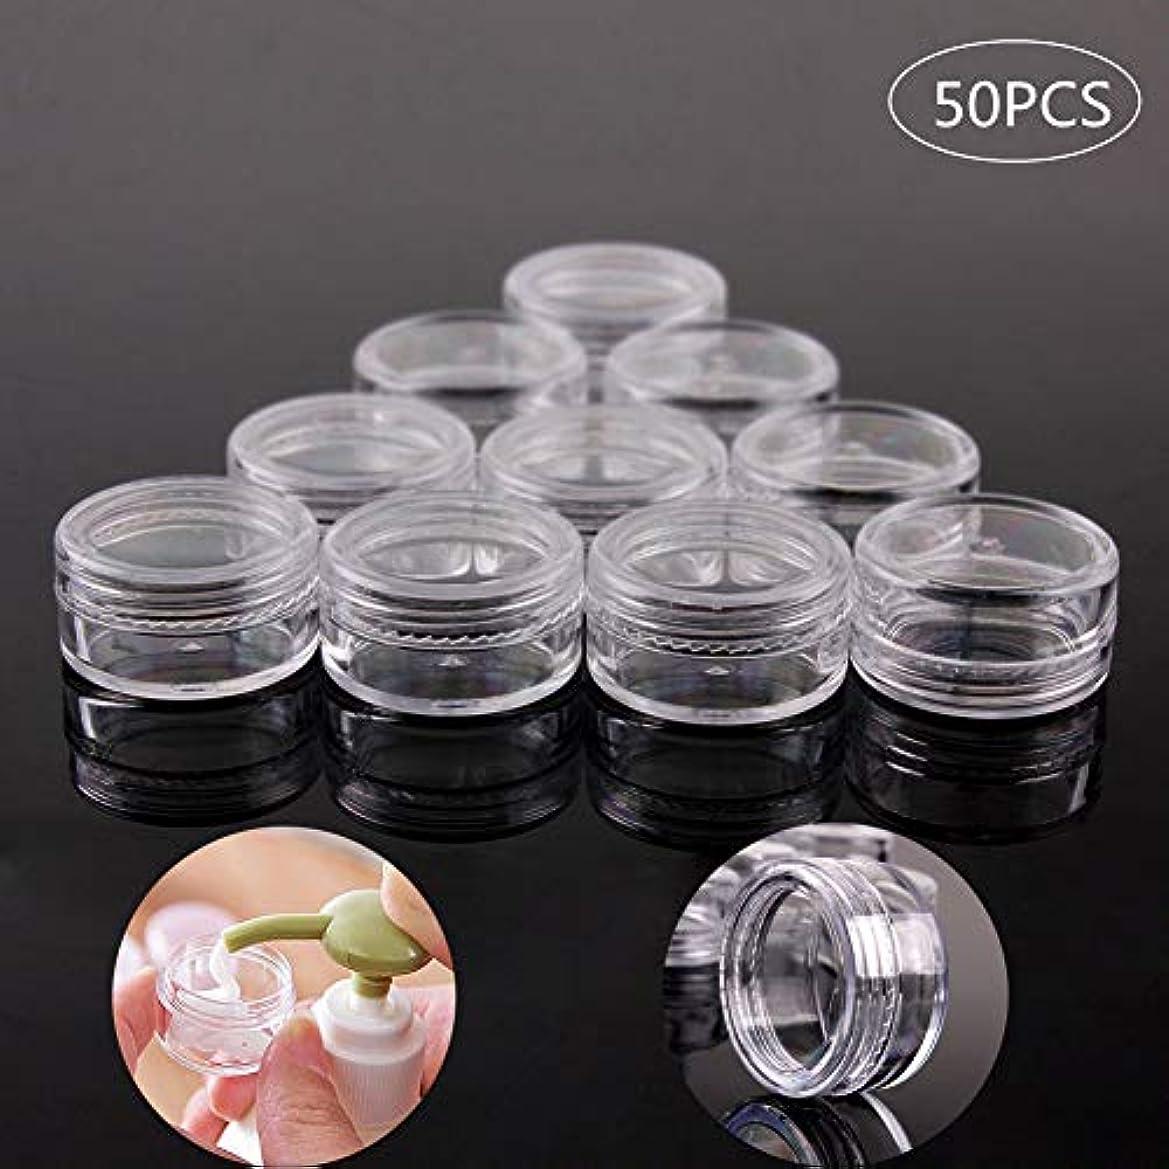 疑い夫小売Kingsie クリームケース 50個セット 5g 小分け容器 詰め替え容器 化粧品用ボトル 透明 携帯用 収納 出張/旅行用品 (5g)